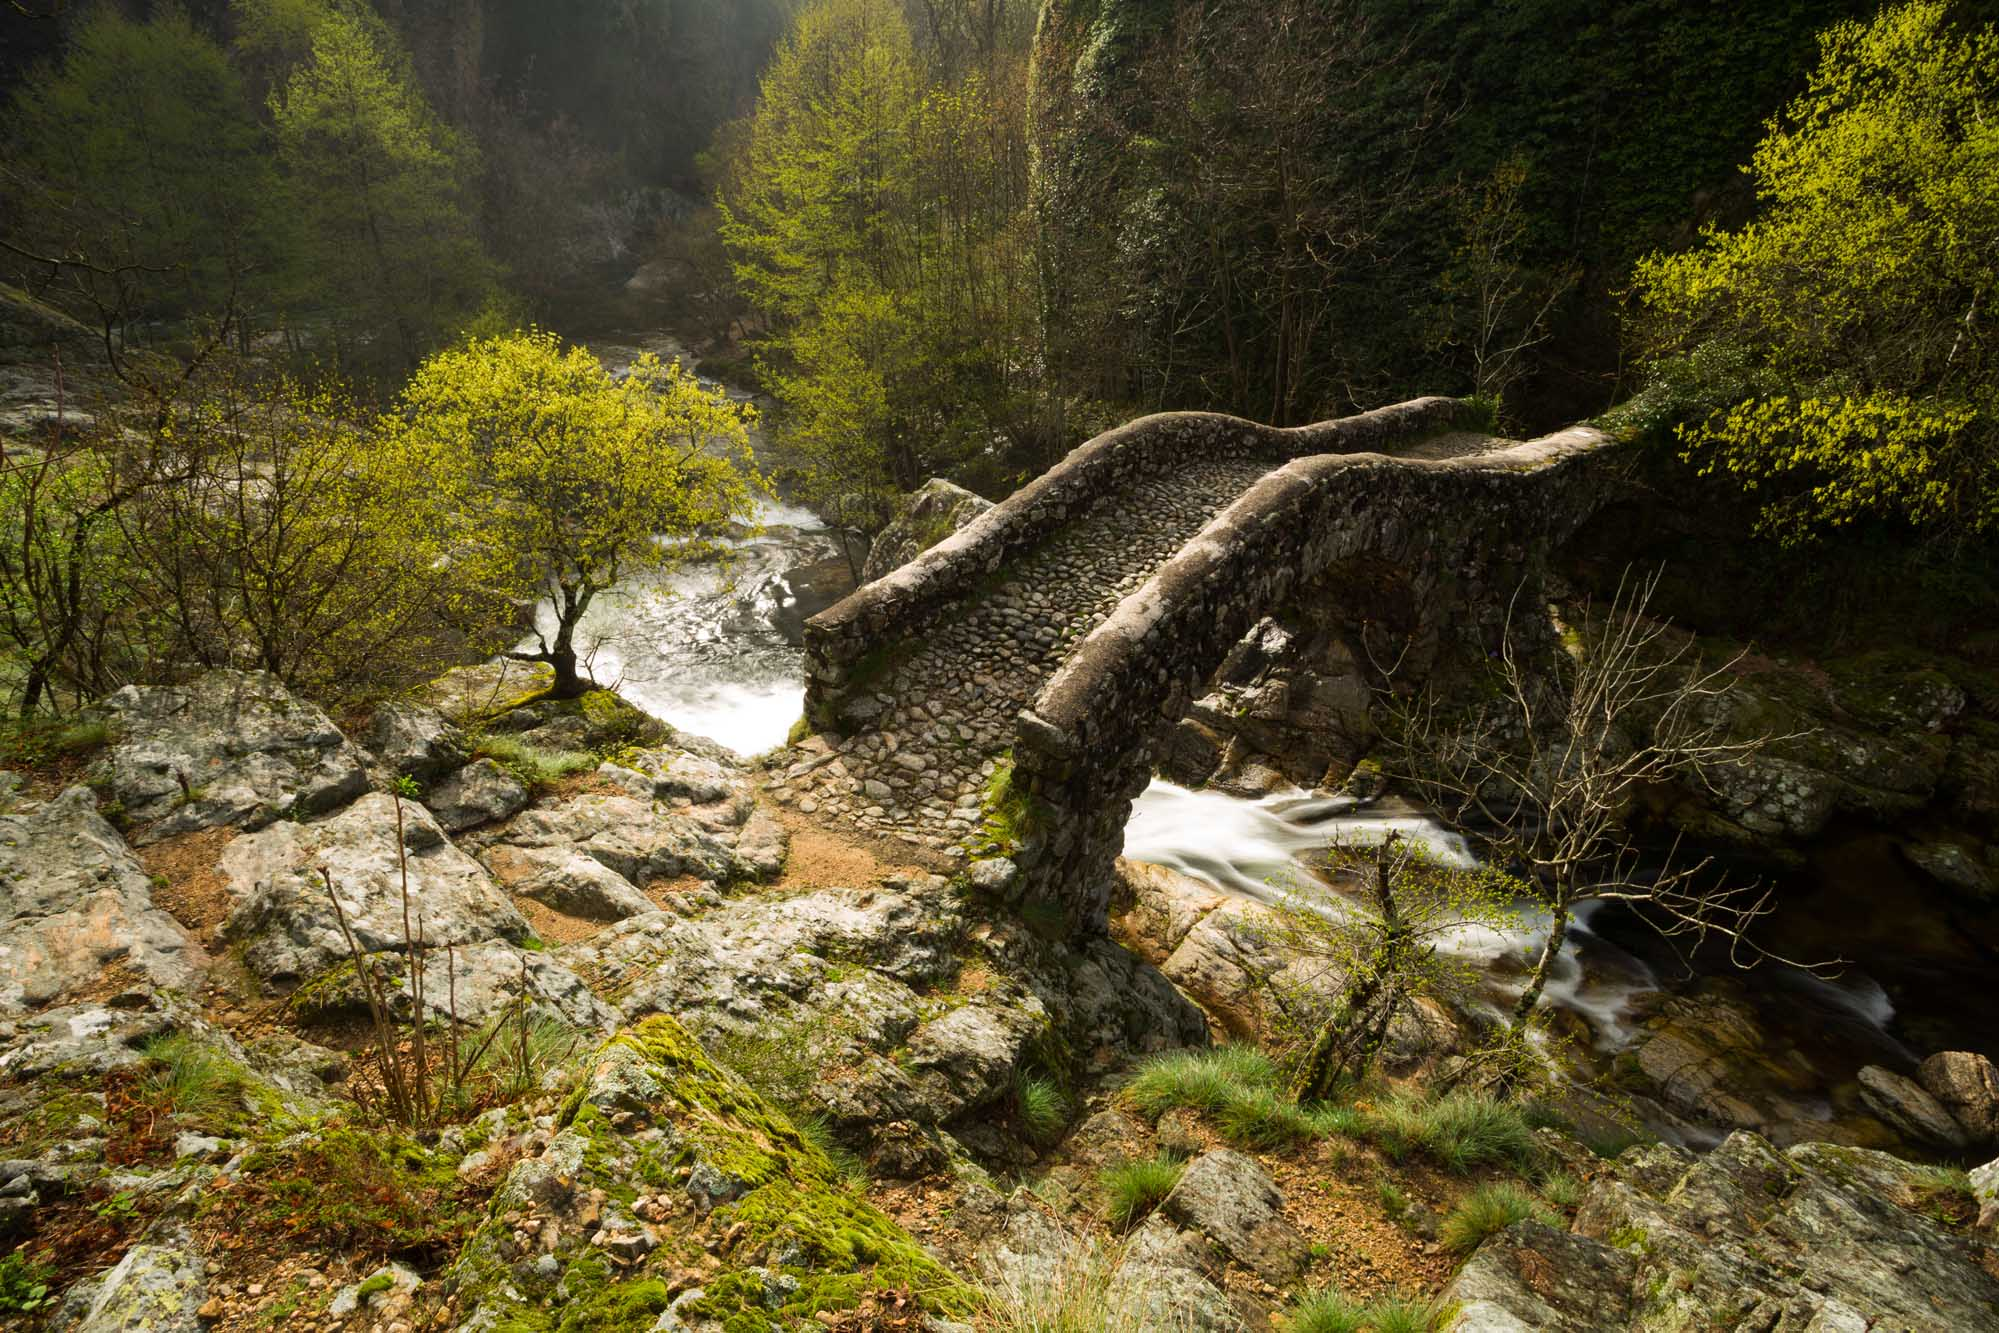 Jaujac-Pont-romain-sur-le-Rieuclar-ardeche-des-sources-et-volcans